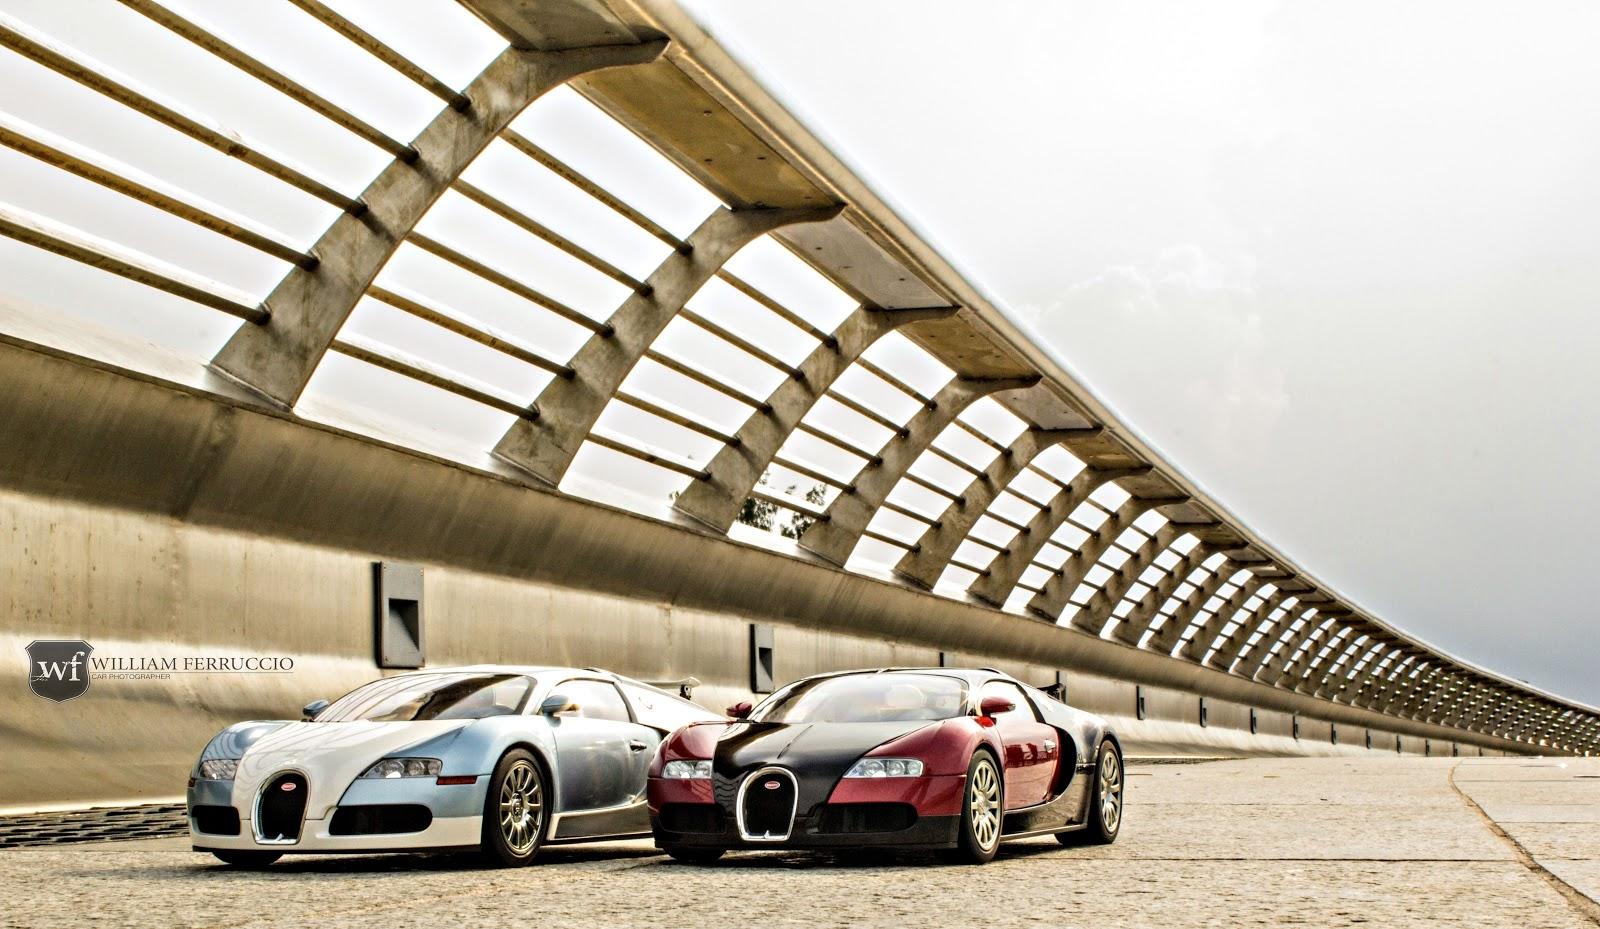 Bộ đôi Bugatti Veyron tuyệt đẹp xuất hiện tại Sài Gòn - Ảnh William Hoang